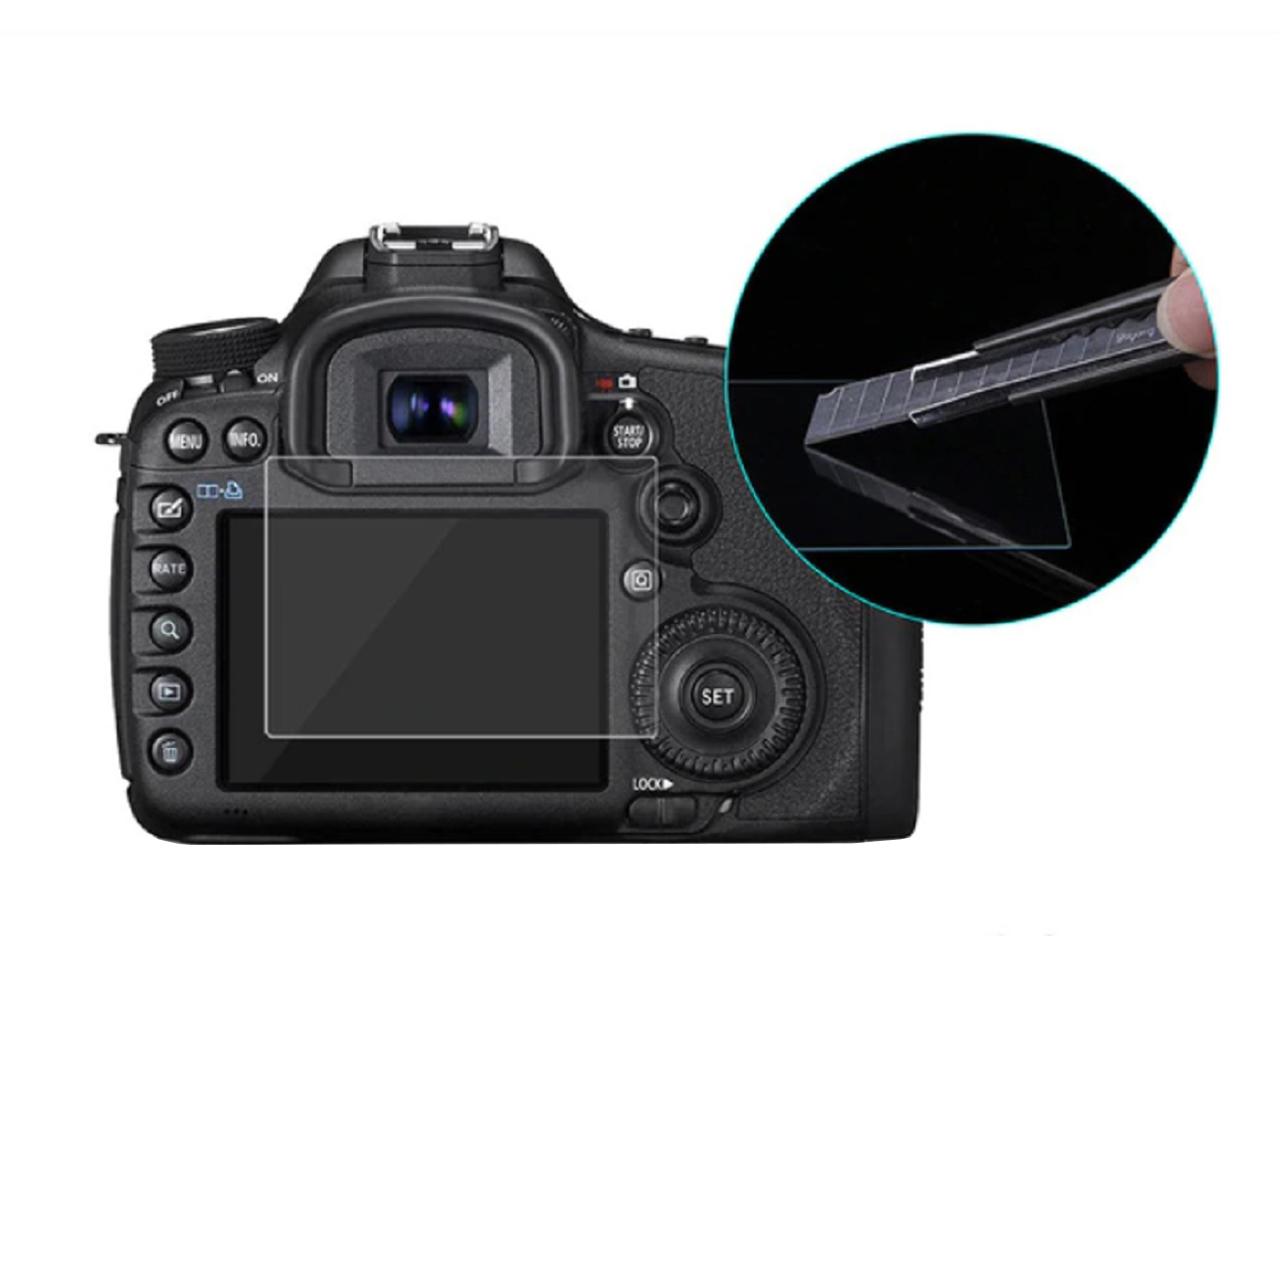 محافظ صفحه نمایش دوربین مدل آنبروکن مناسب برای کانن 700D